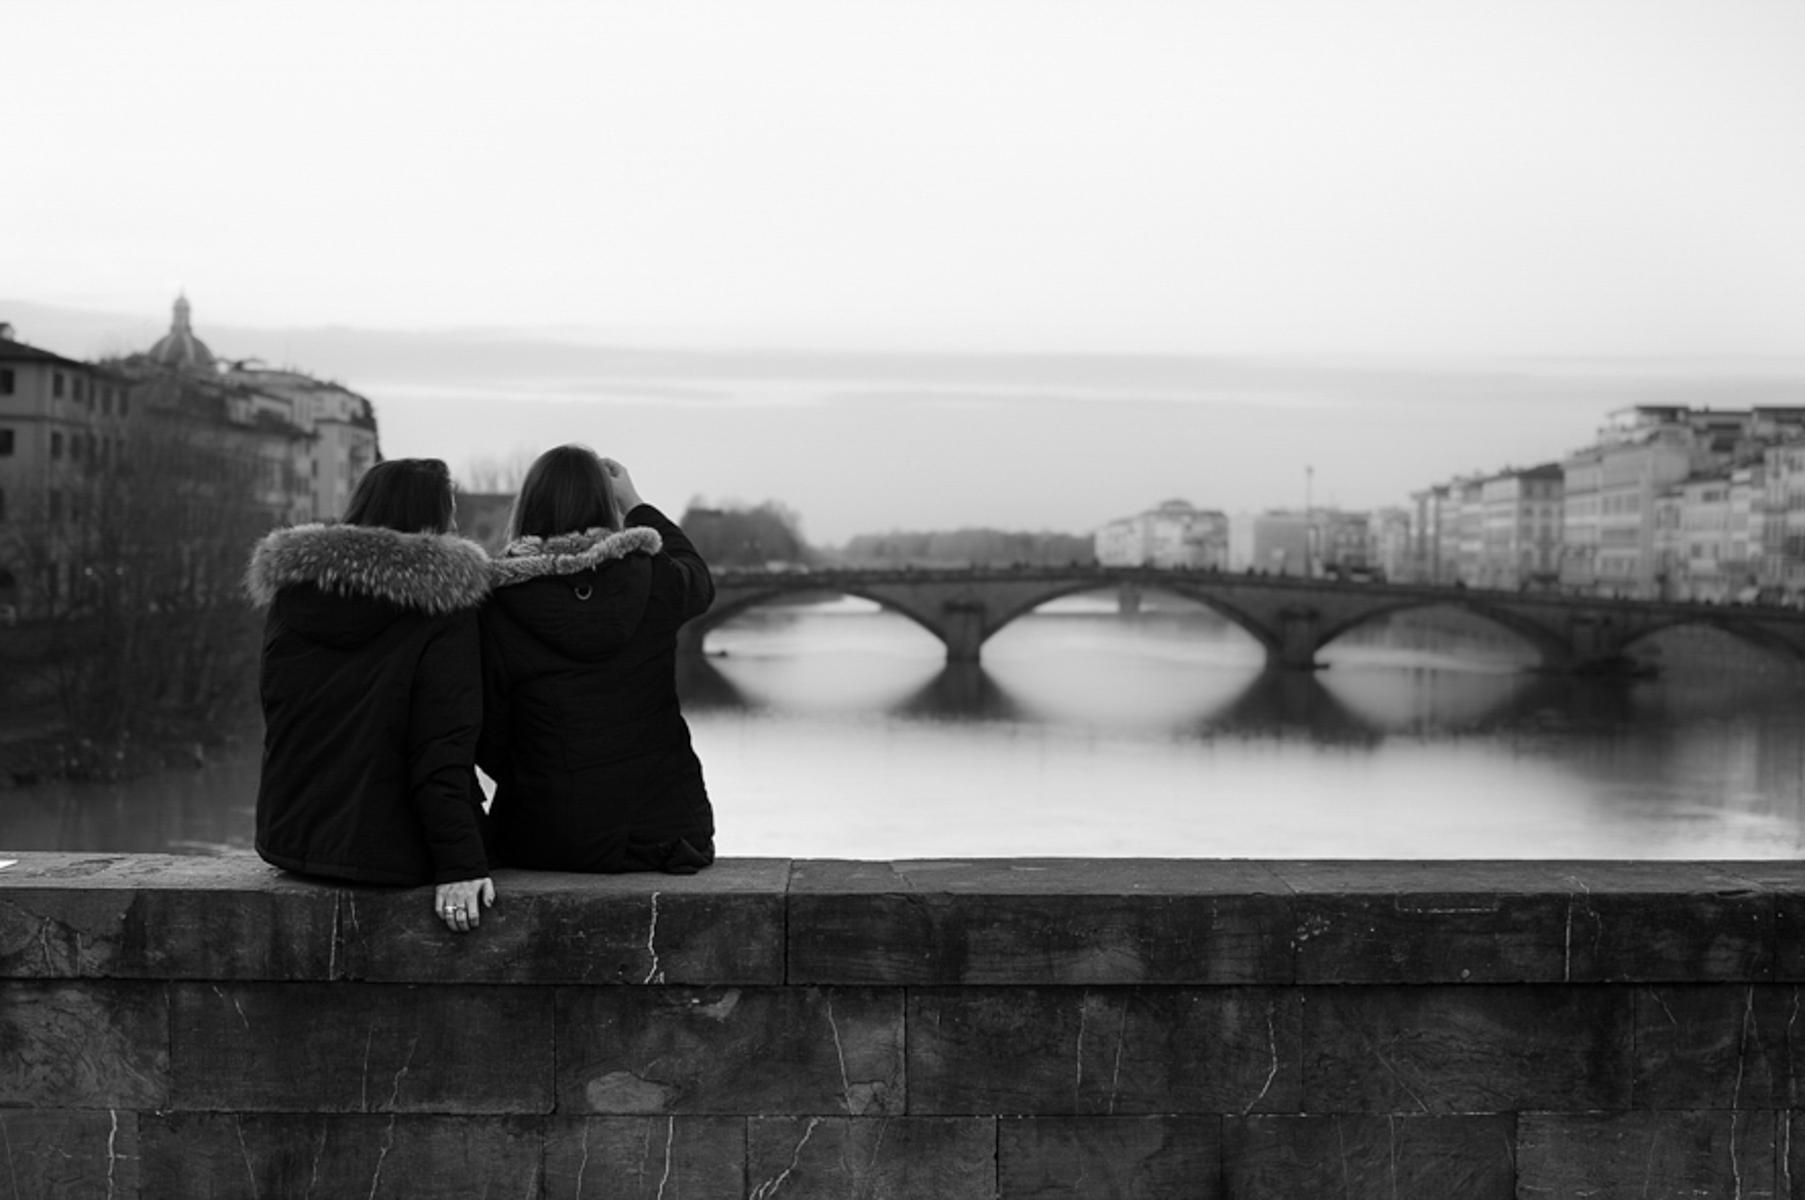 On the bridge...